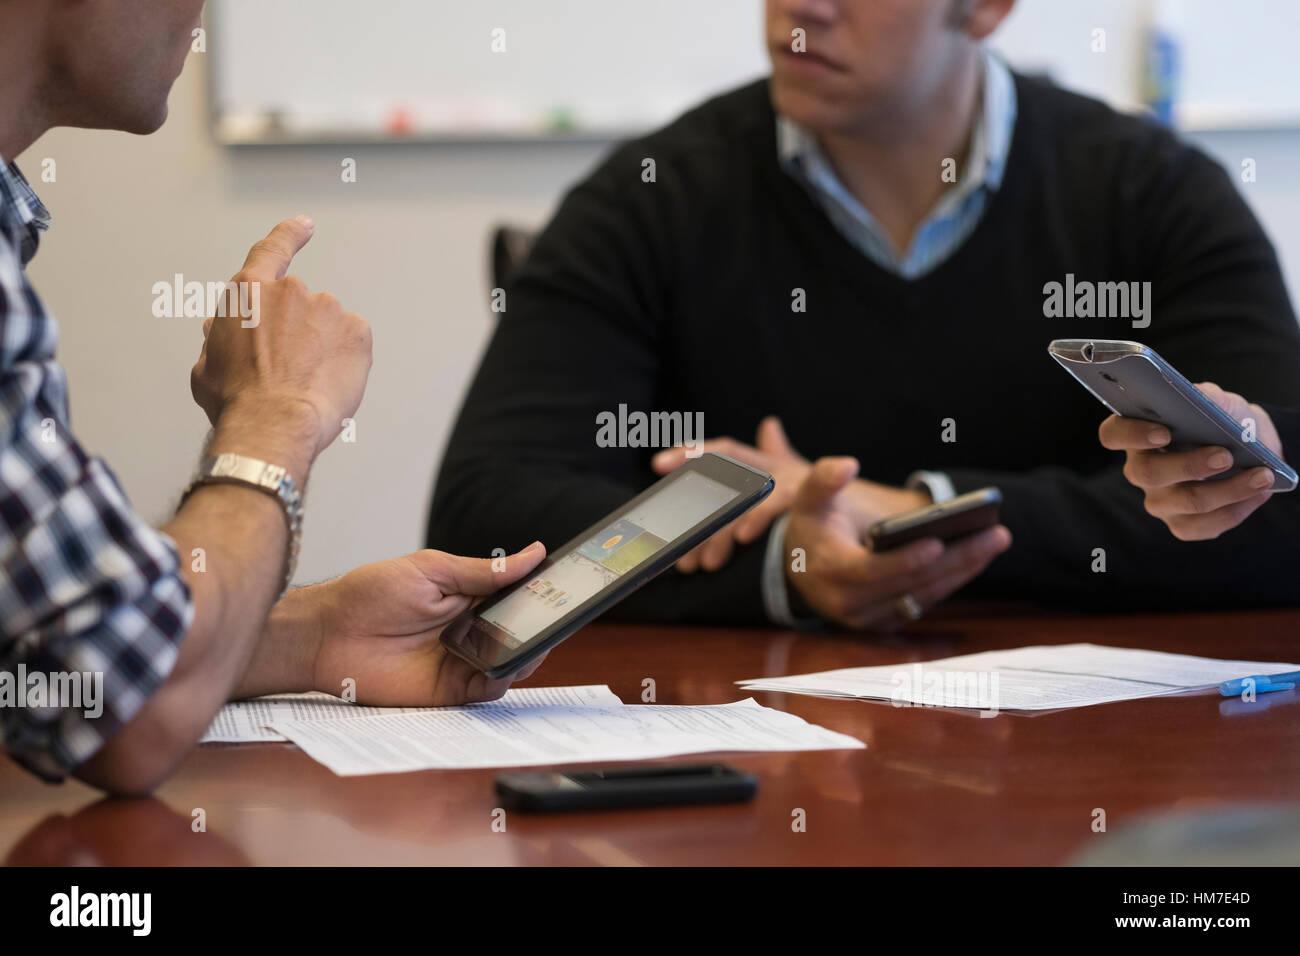 Sección intermedia de gente de negocios utilizando dispositivos móviles Foto de stock